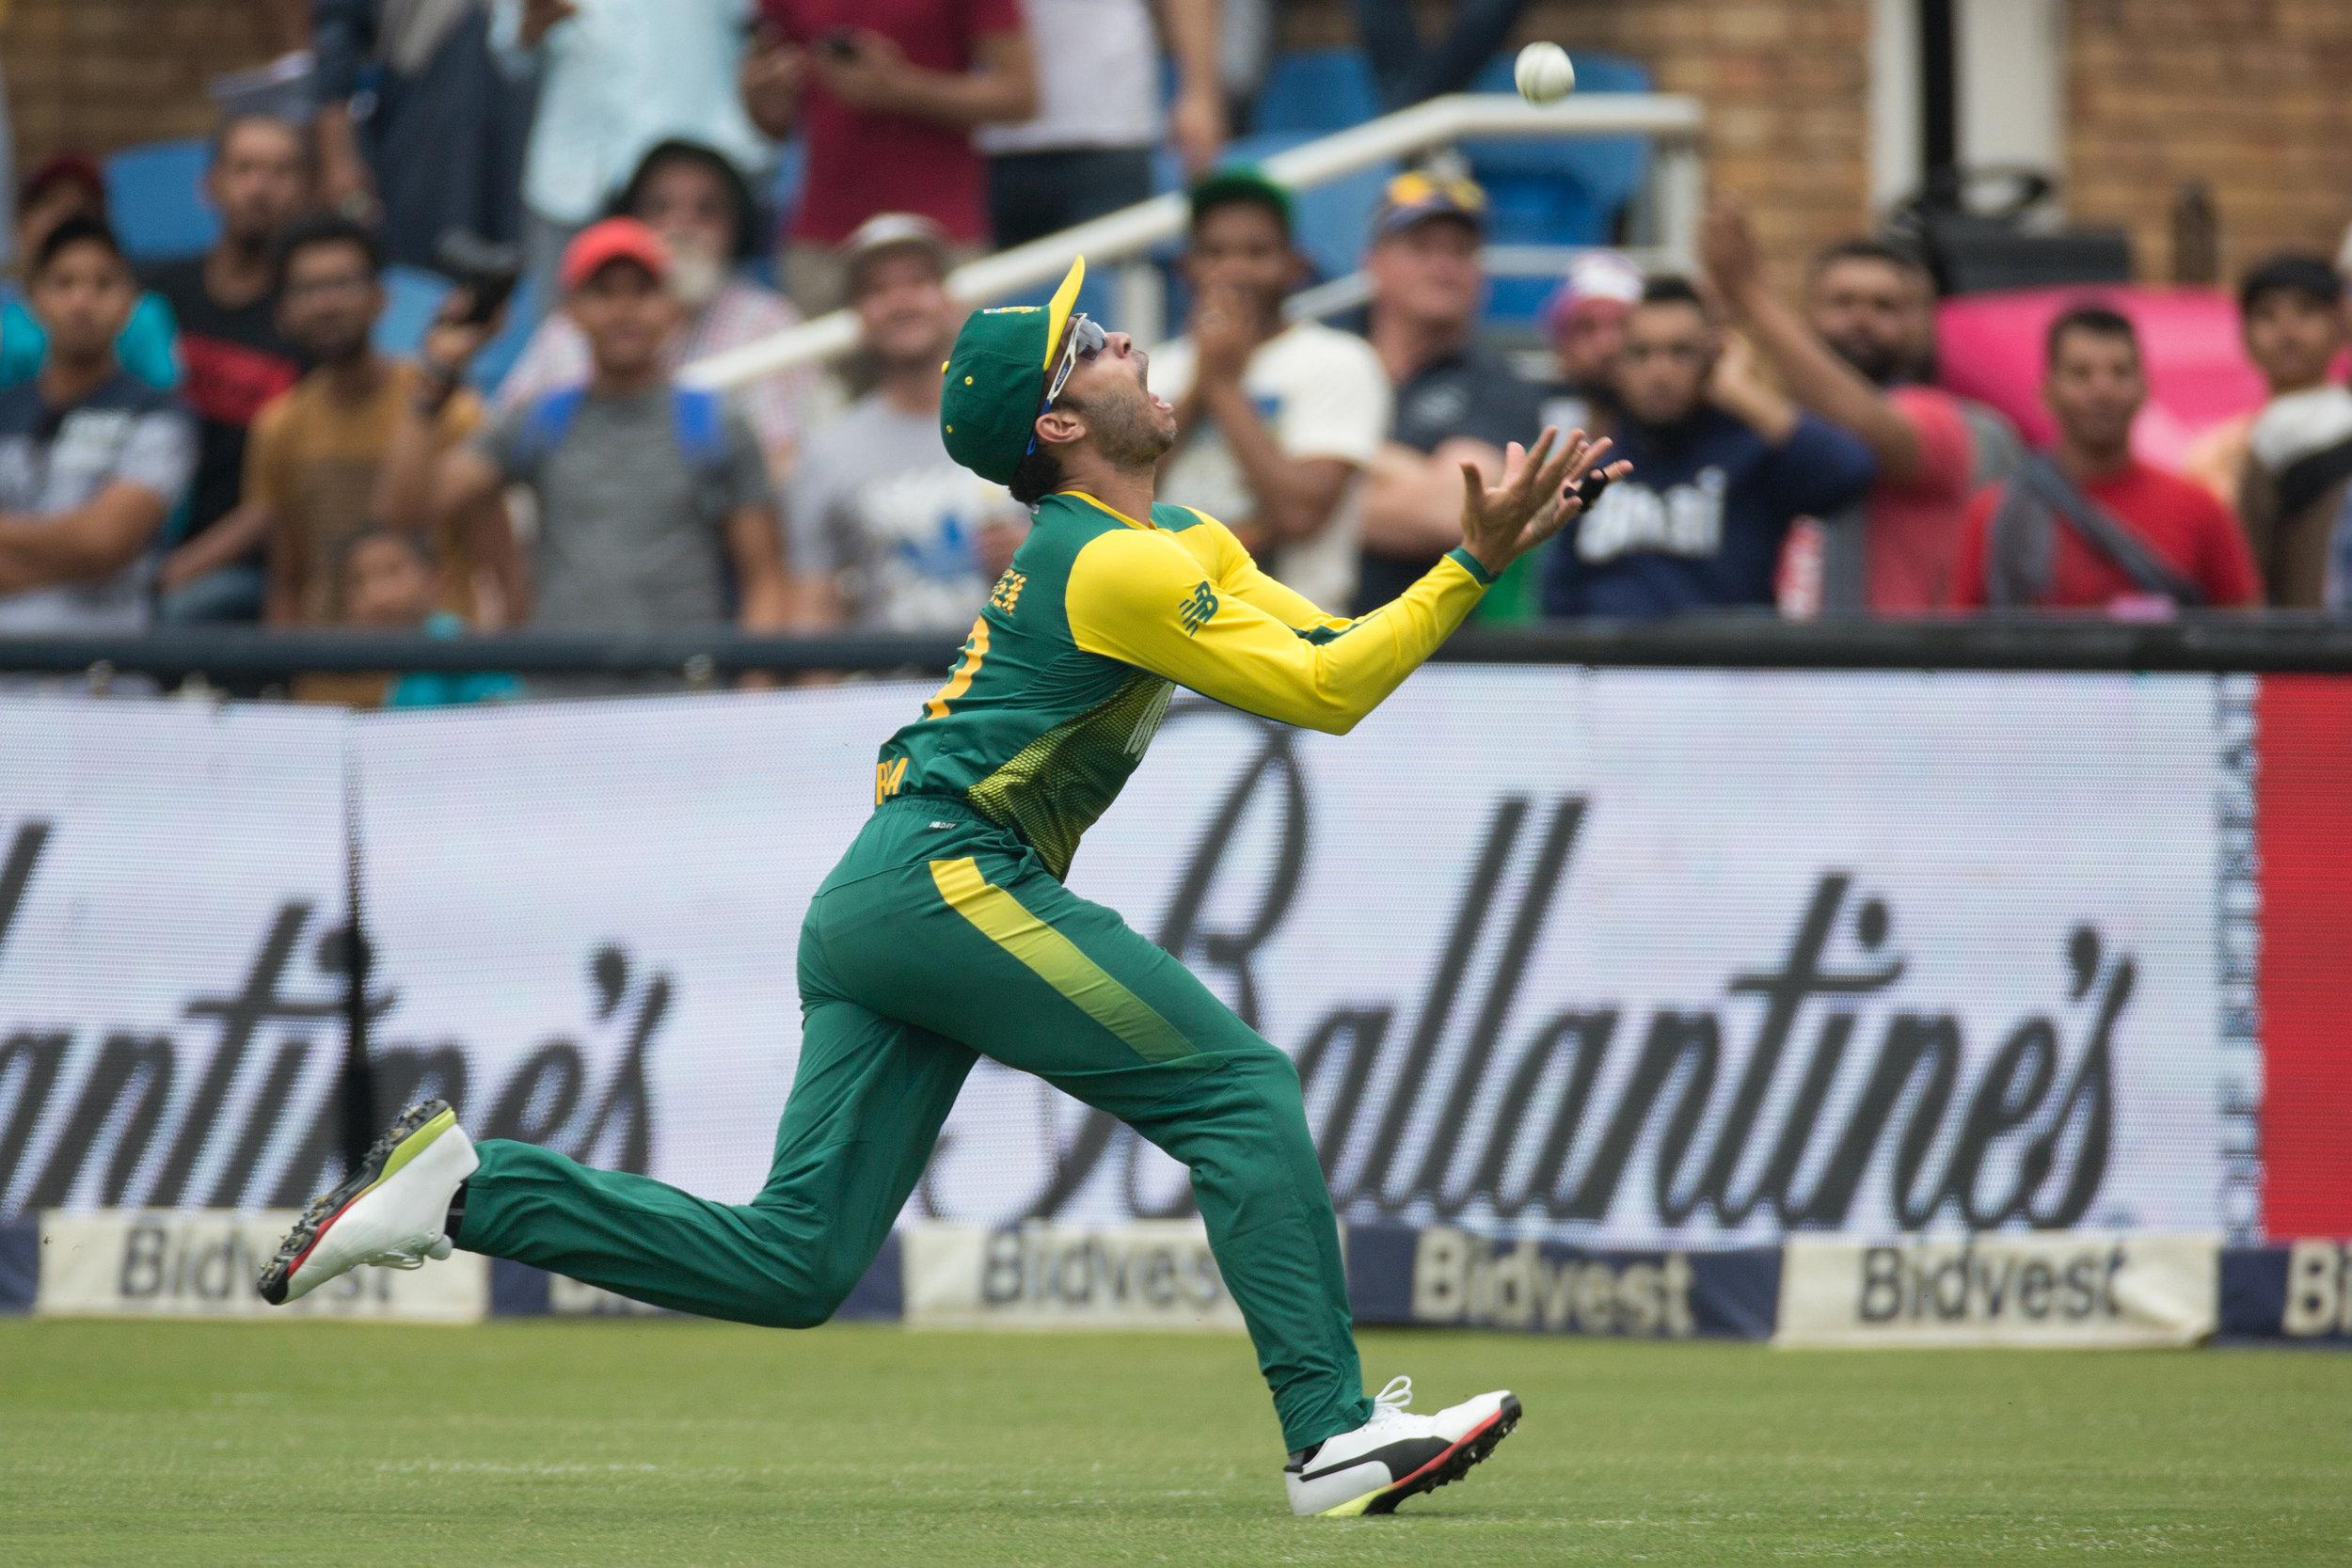 cricket18.jpg